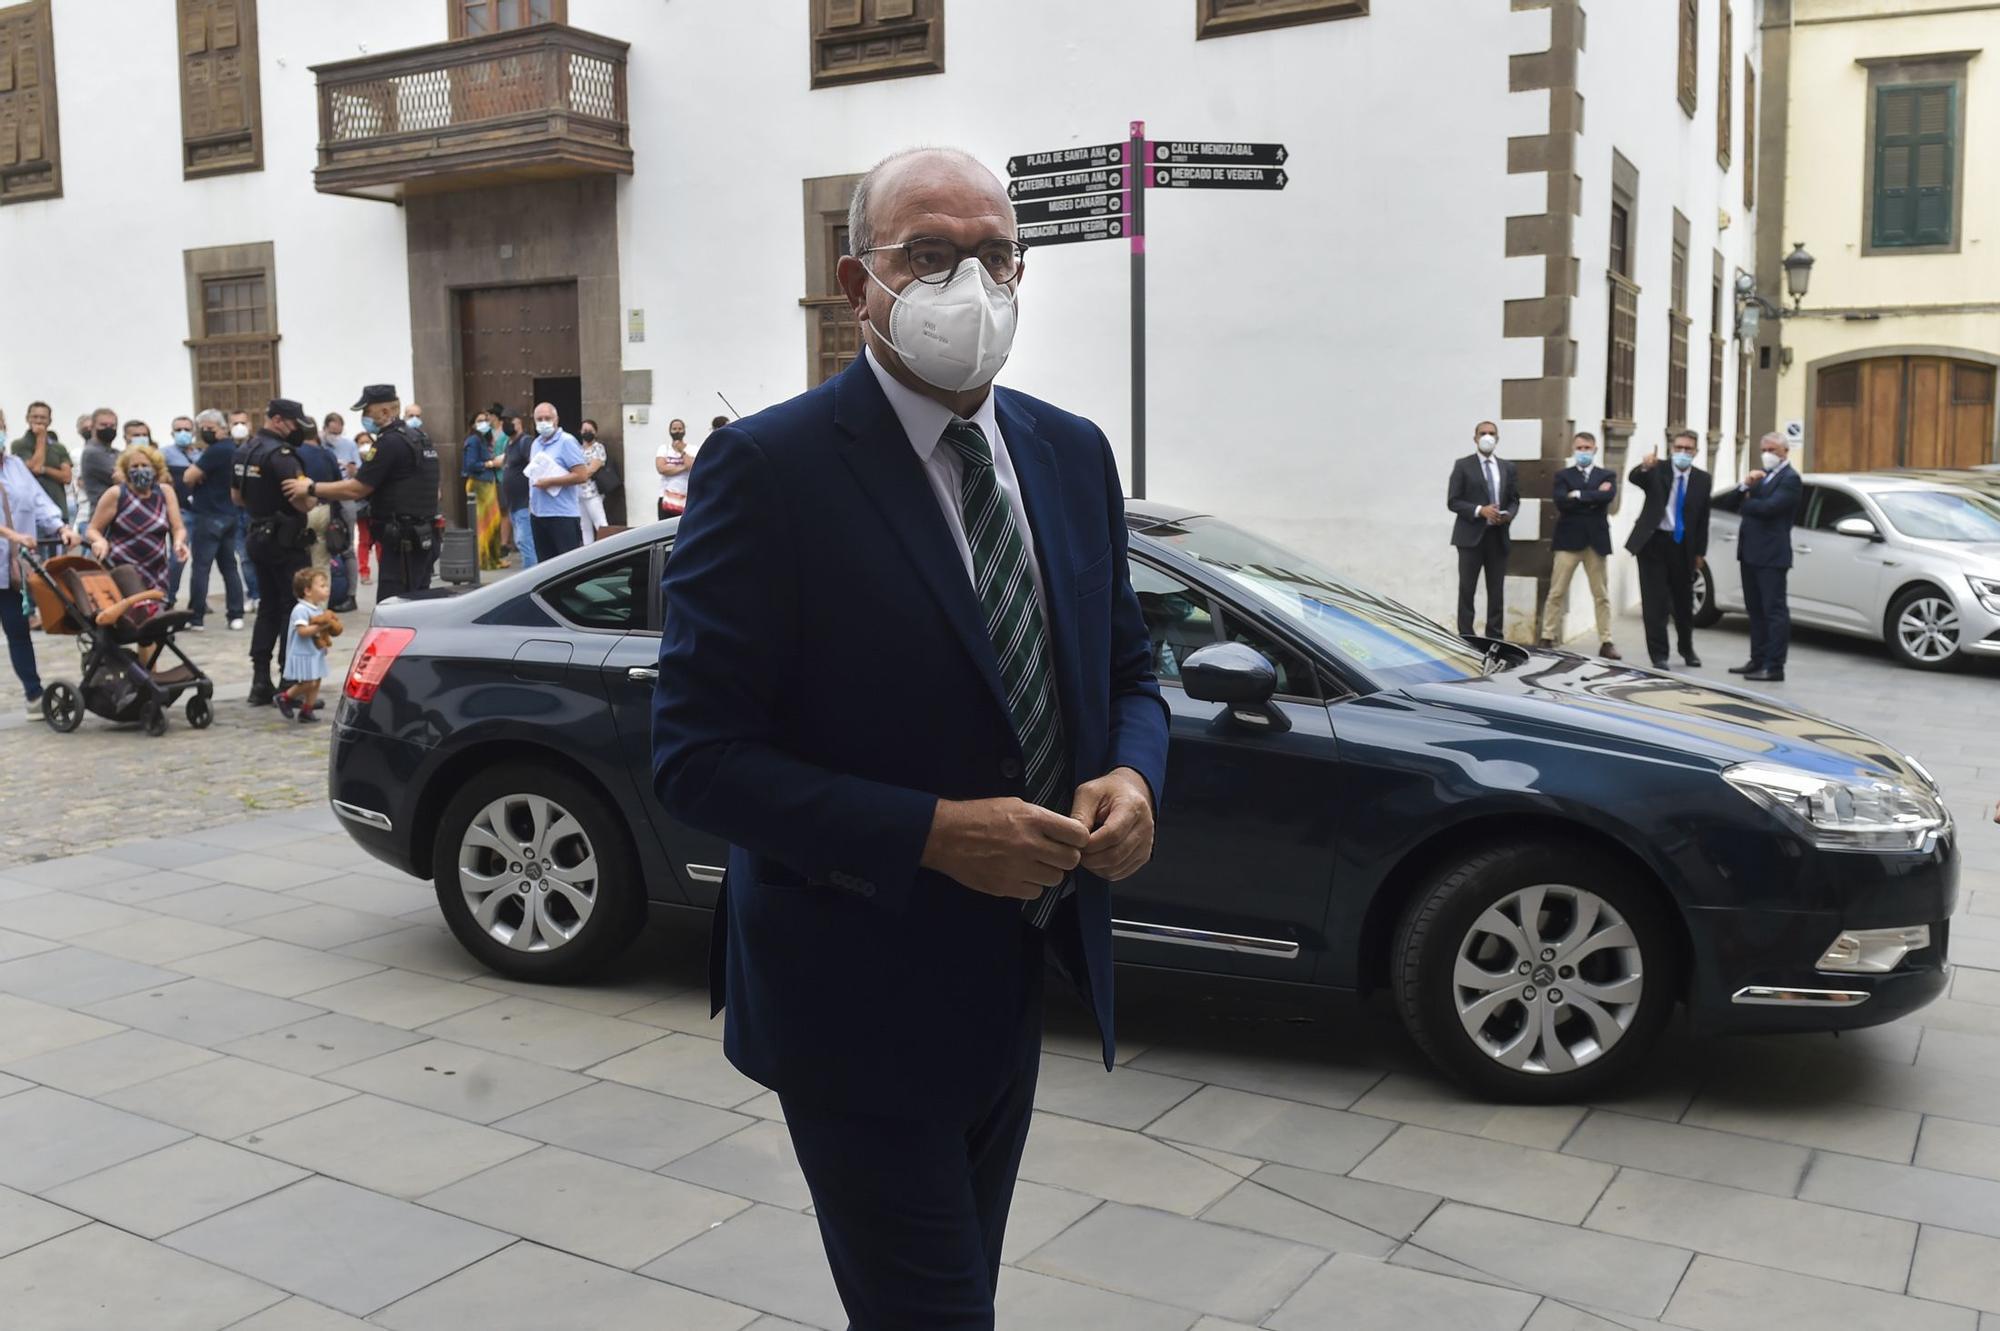 Toma de posesión del nuevo presidente del Tribunal Superior de Justicia de Canarias, Juan Luis Lorenzo Bragado